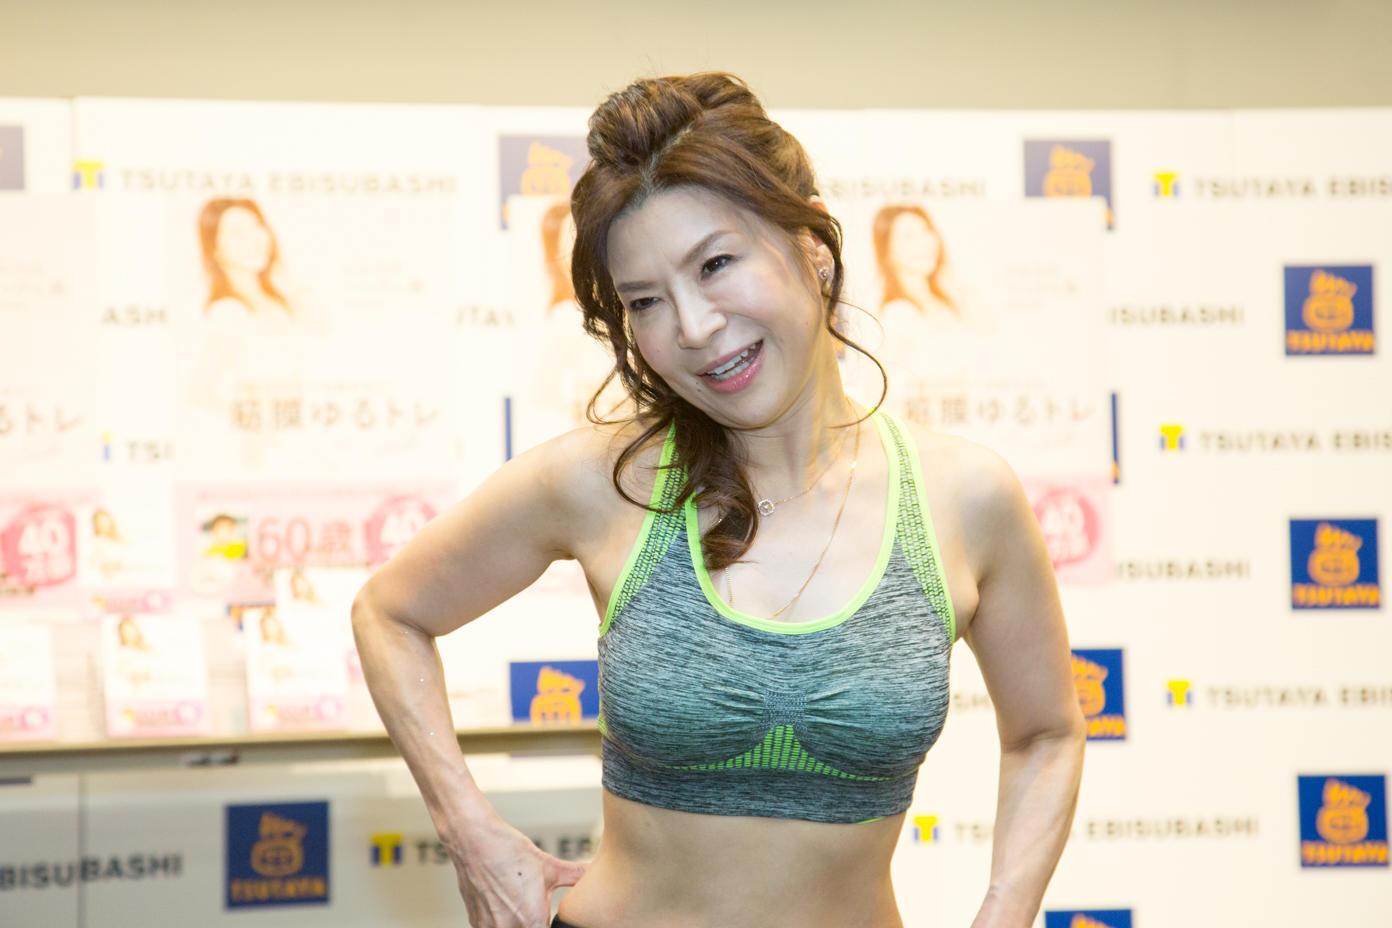 http://news.yoshimoto.co.jp/20180214225803-00fa649f2cc81ca29f769a17a853e29384d6260e.jpg